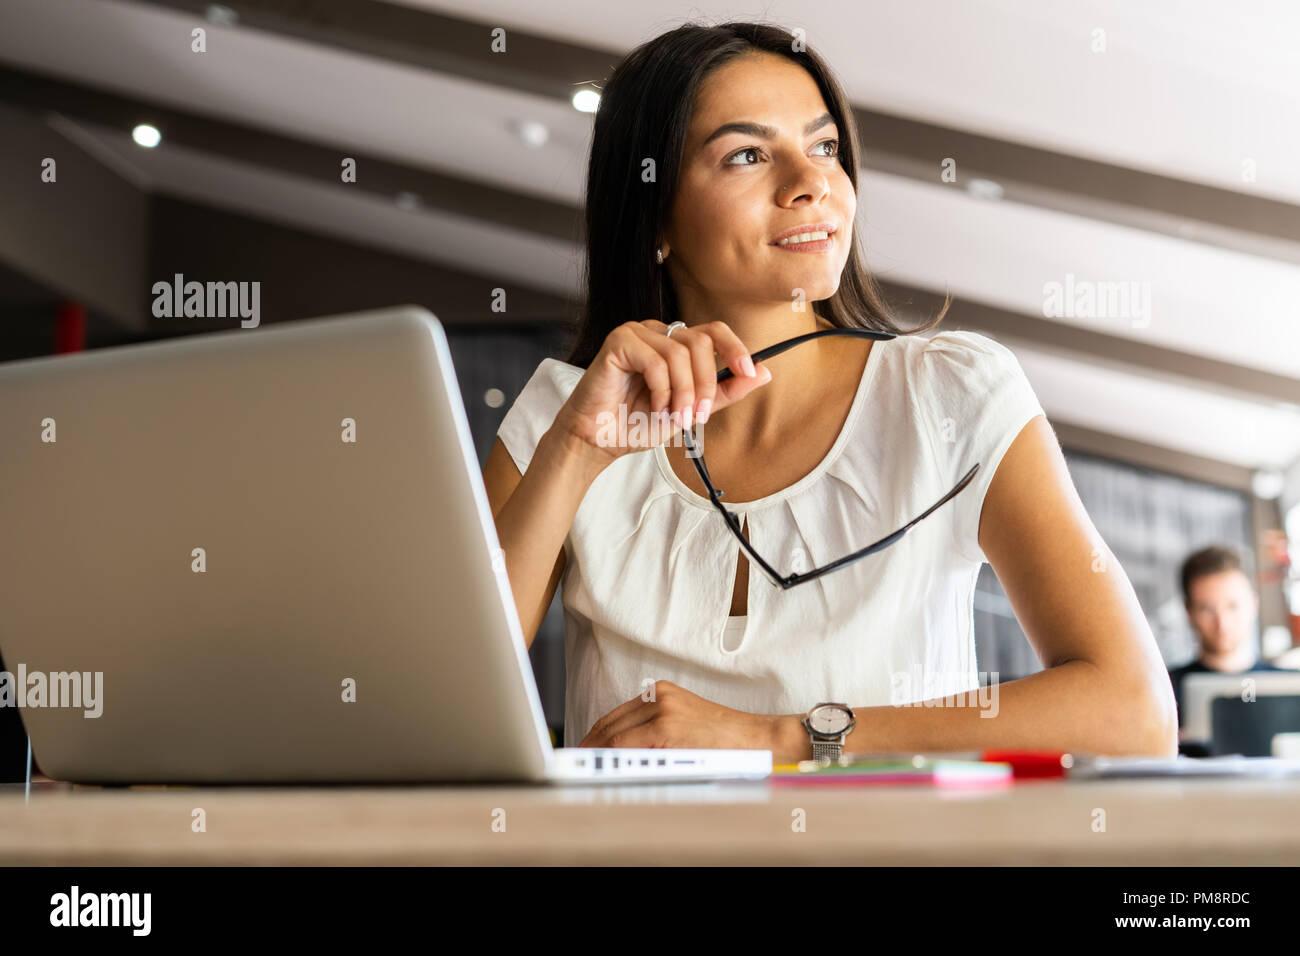 Solución nueva cada día. Seguro joven en smart ropa casual trabajando en el portátil mientras está sentado en su lugar de trabajo en la oficina Imagen De Stock